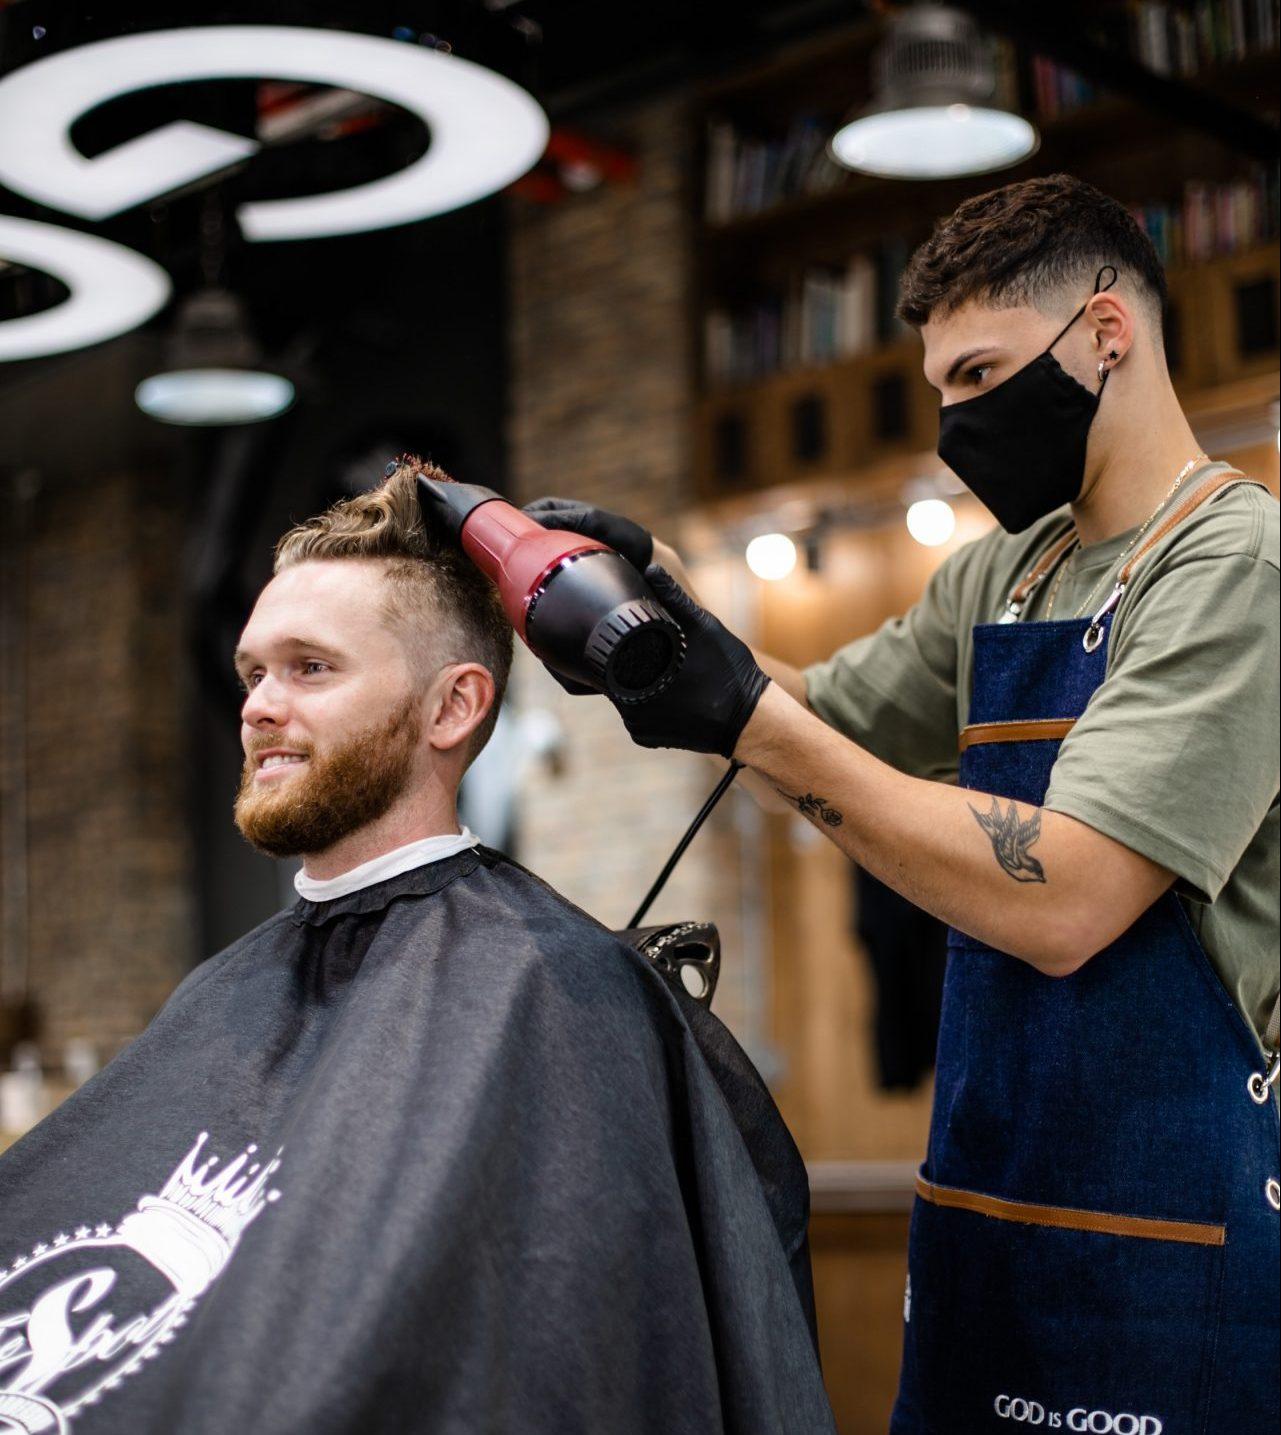 mann hos frisør